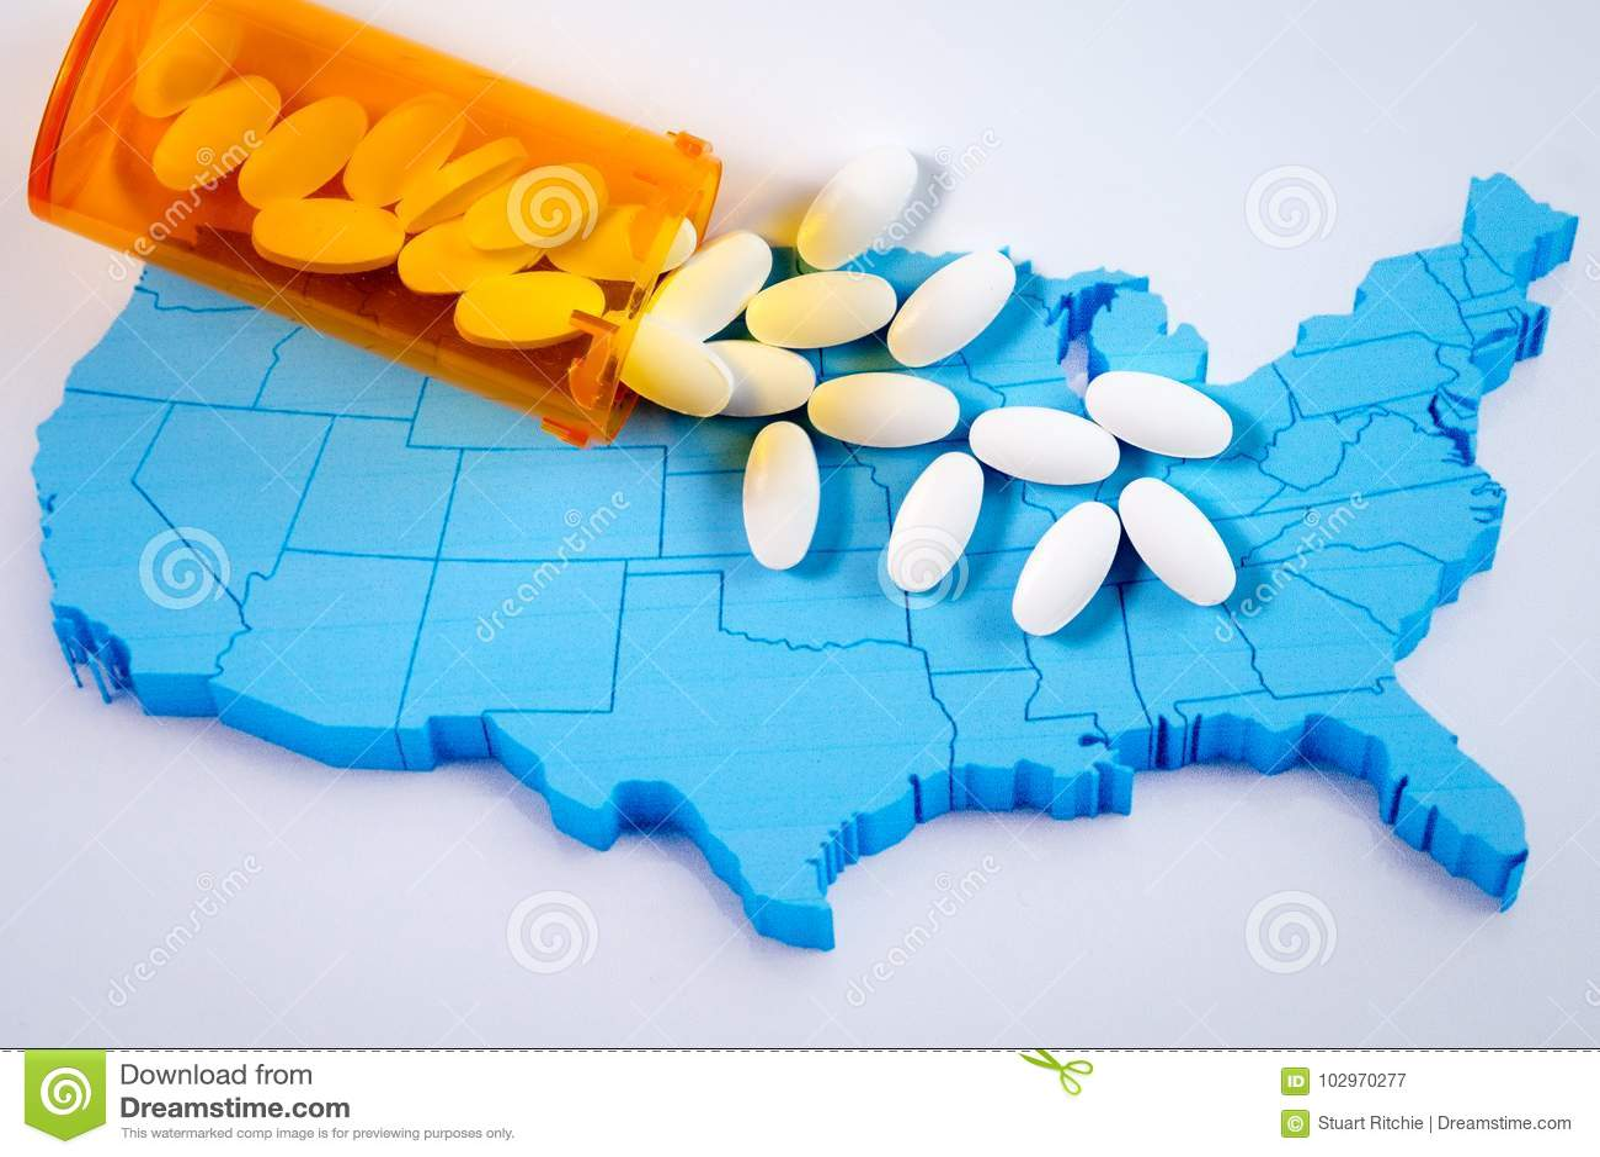 Witte farmaceutische pillen die van voorschriftfles morsen over kaart van Amerika